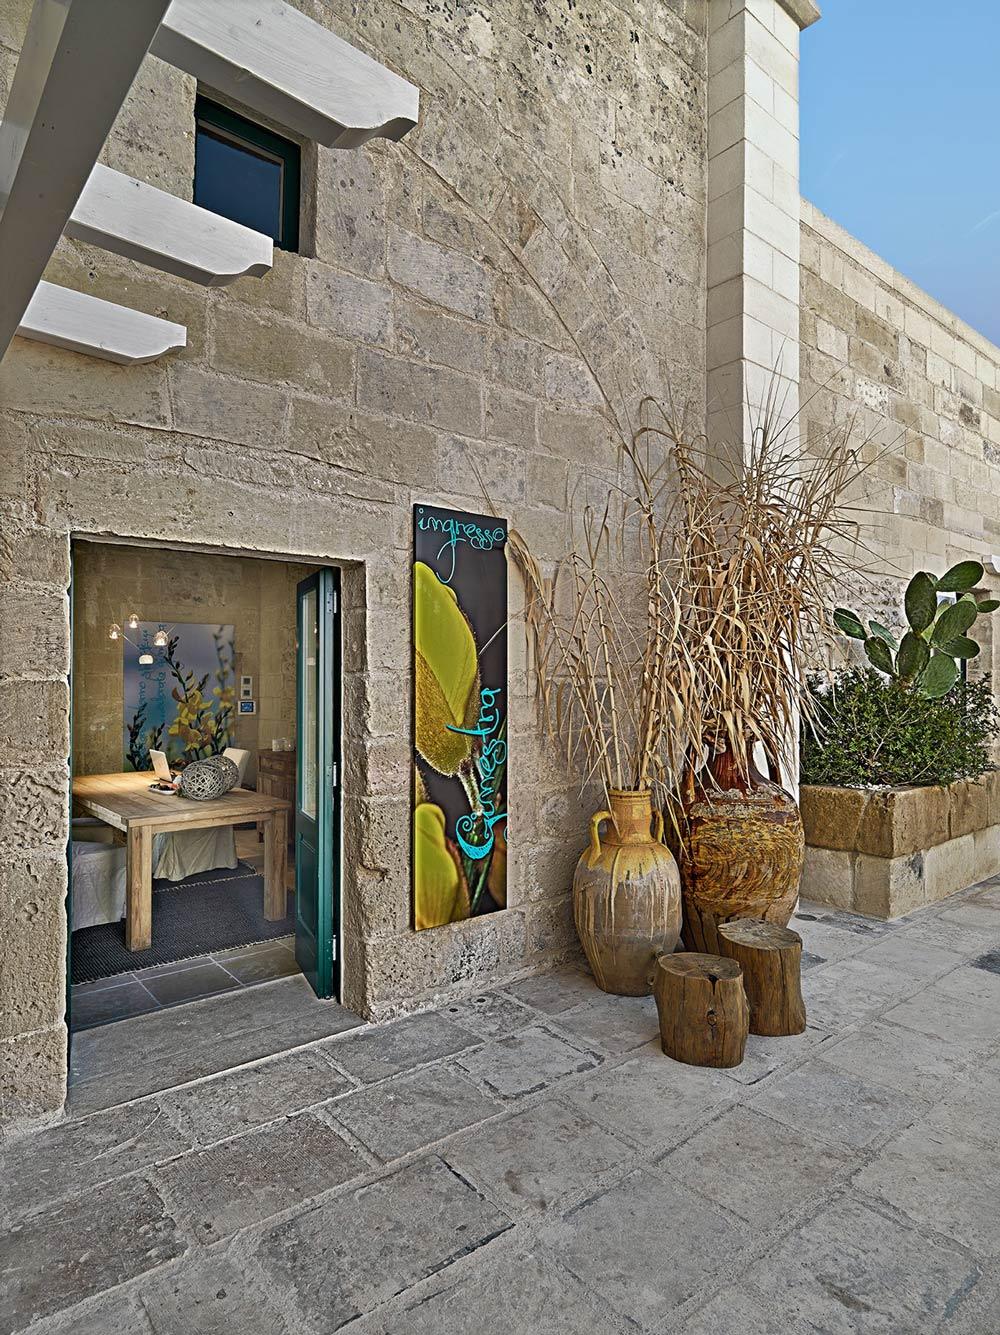 Terrace, Relais Masseria Capasa Hotel in Martano, Italy